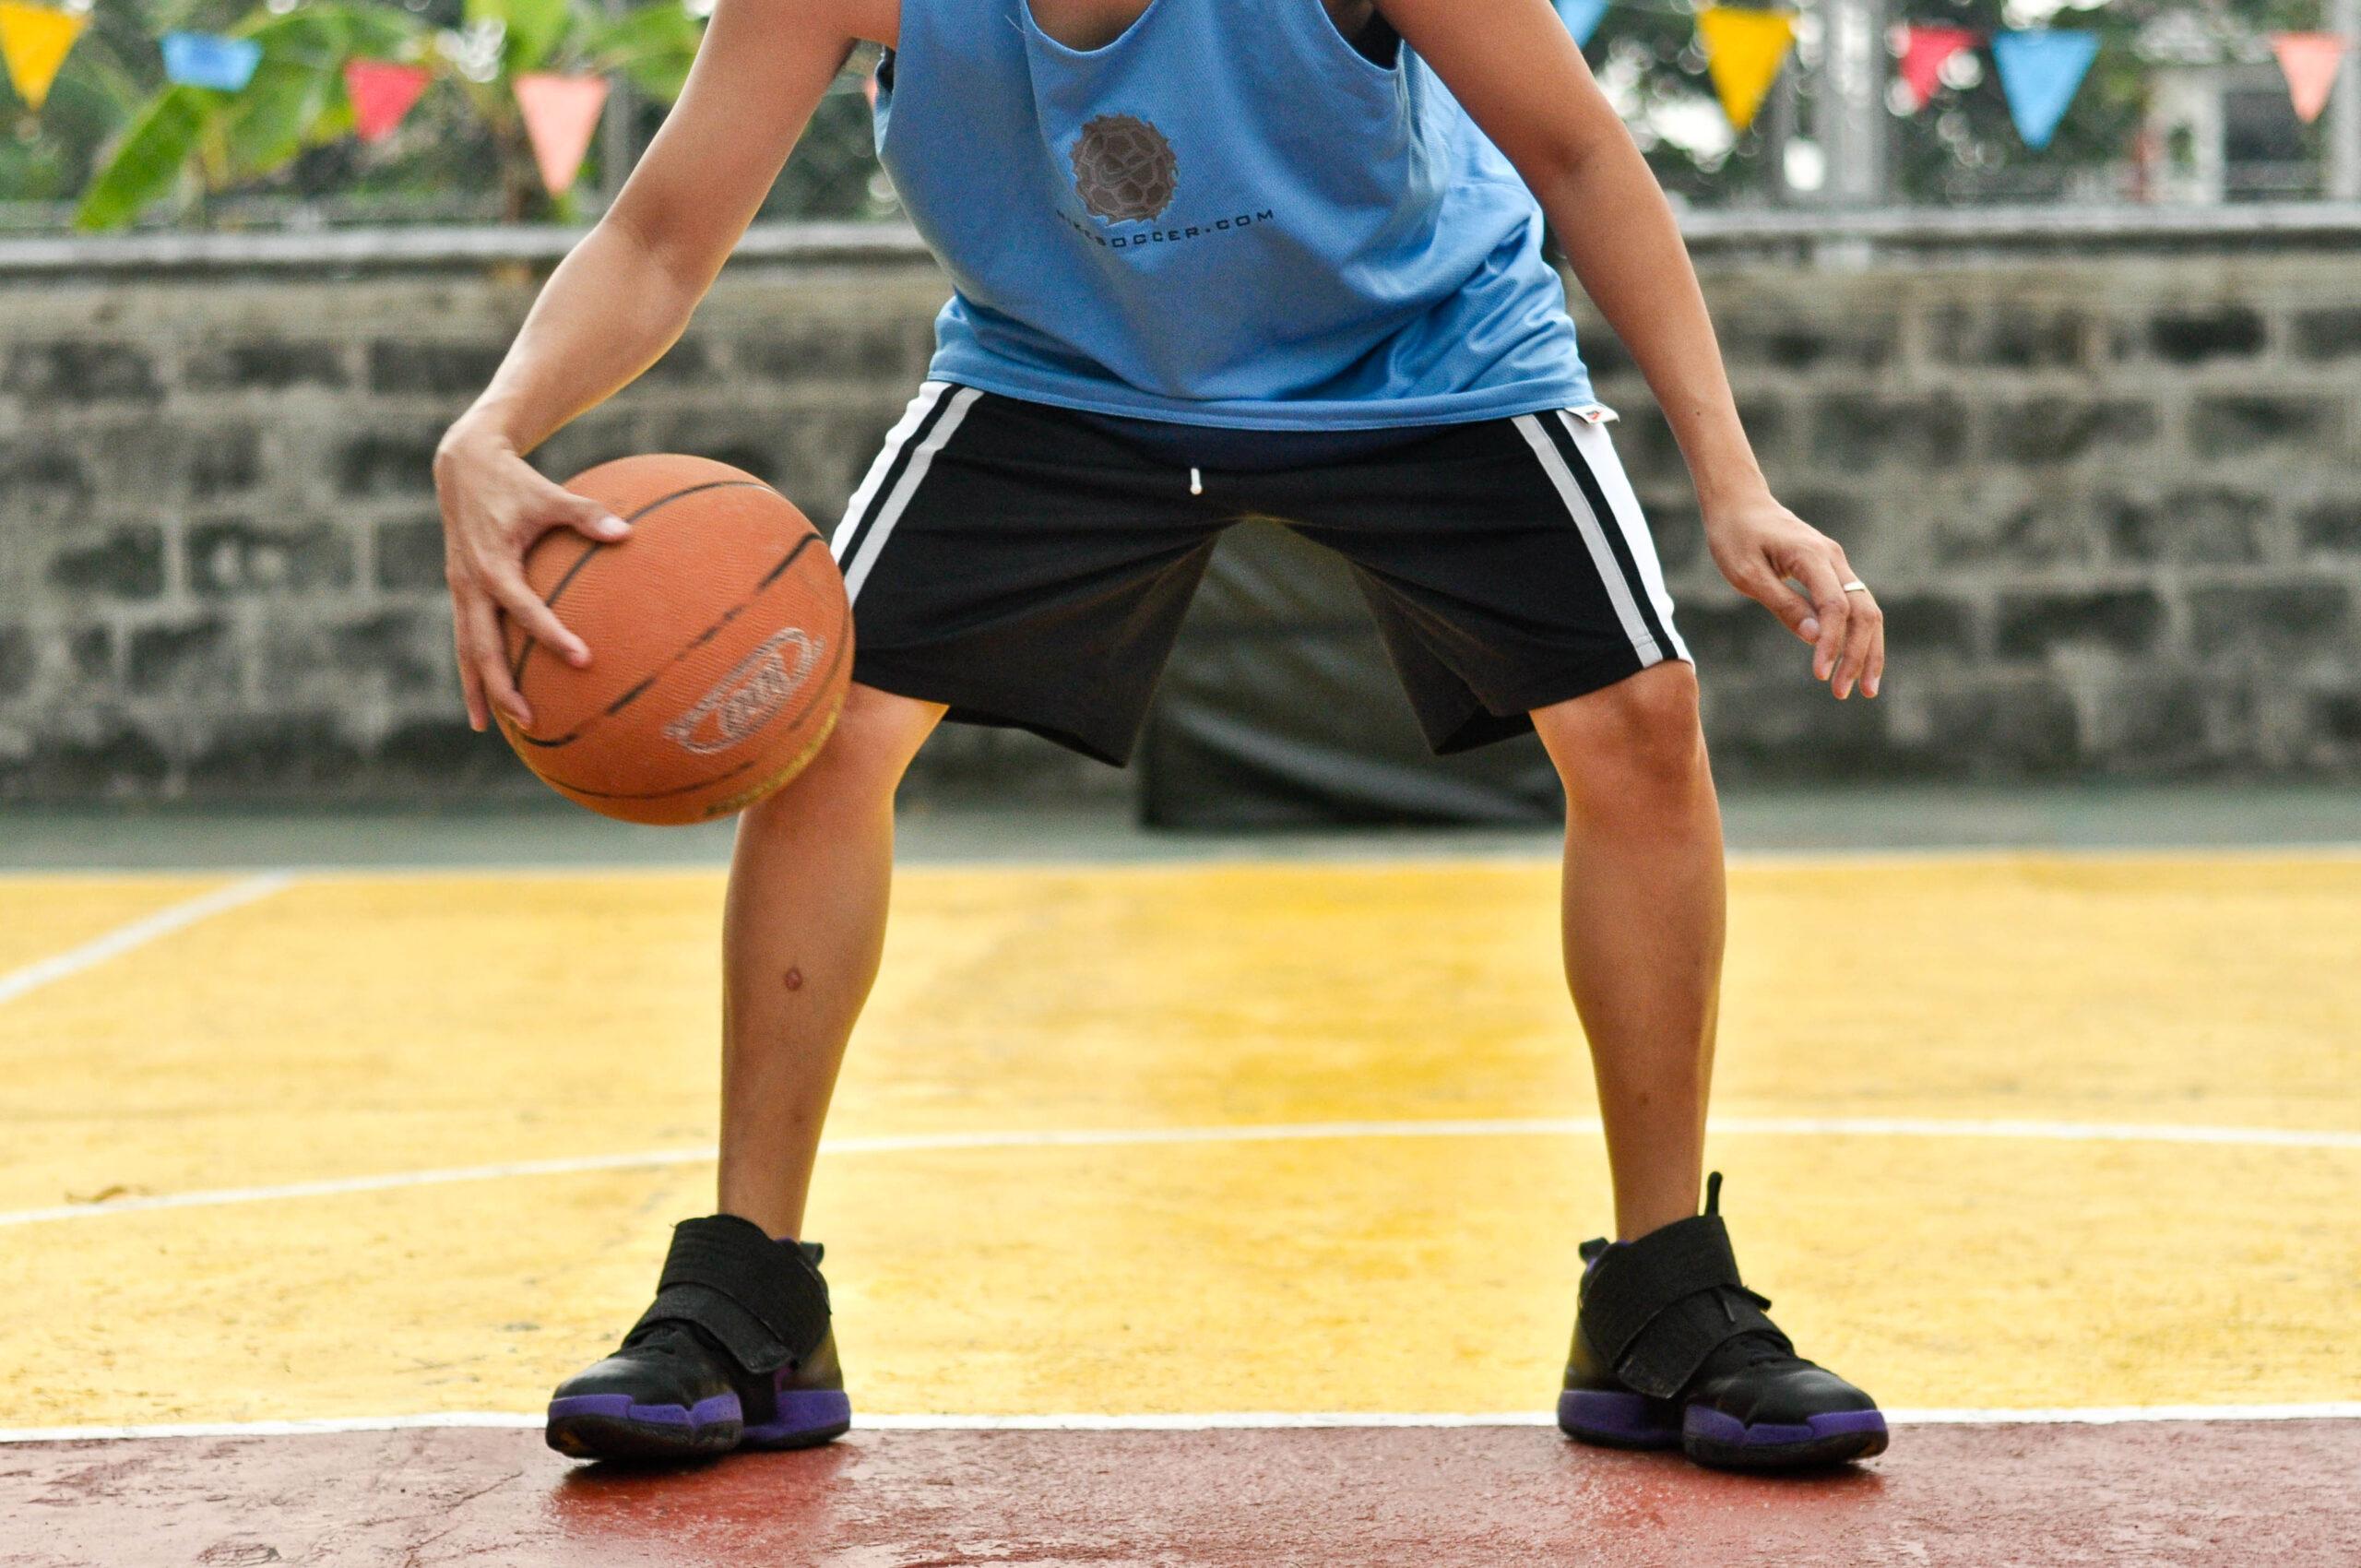 dominio-del-balon-en-baloncesto-